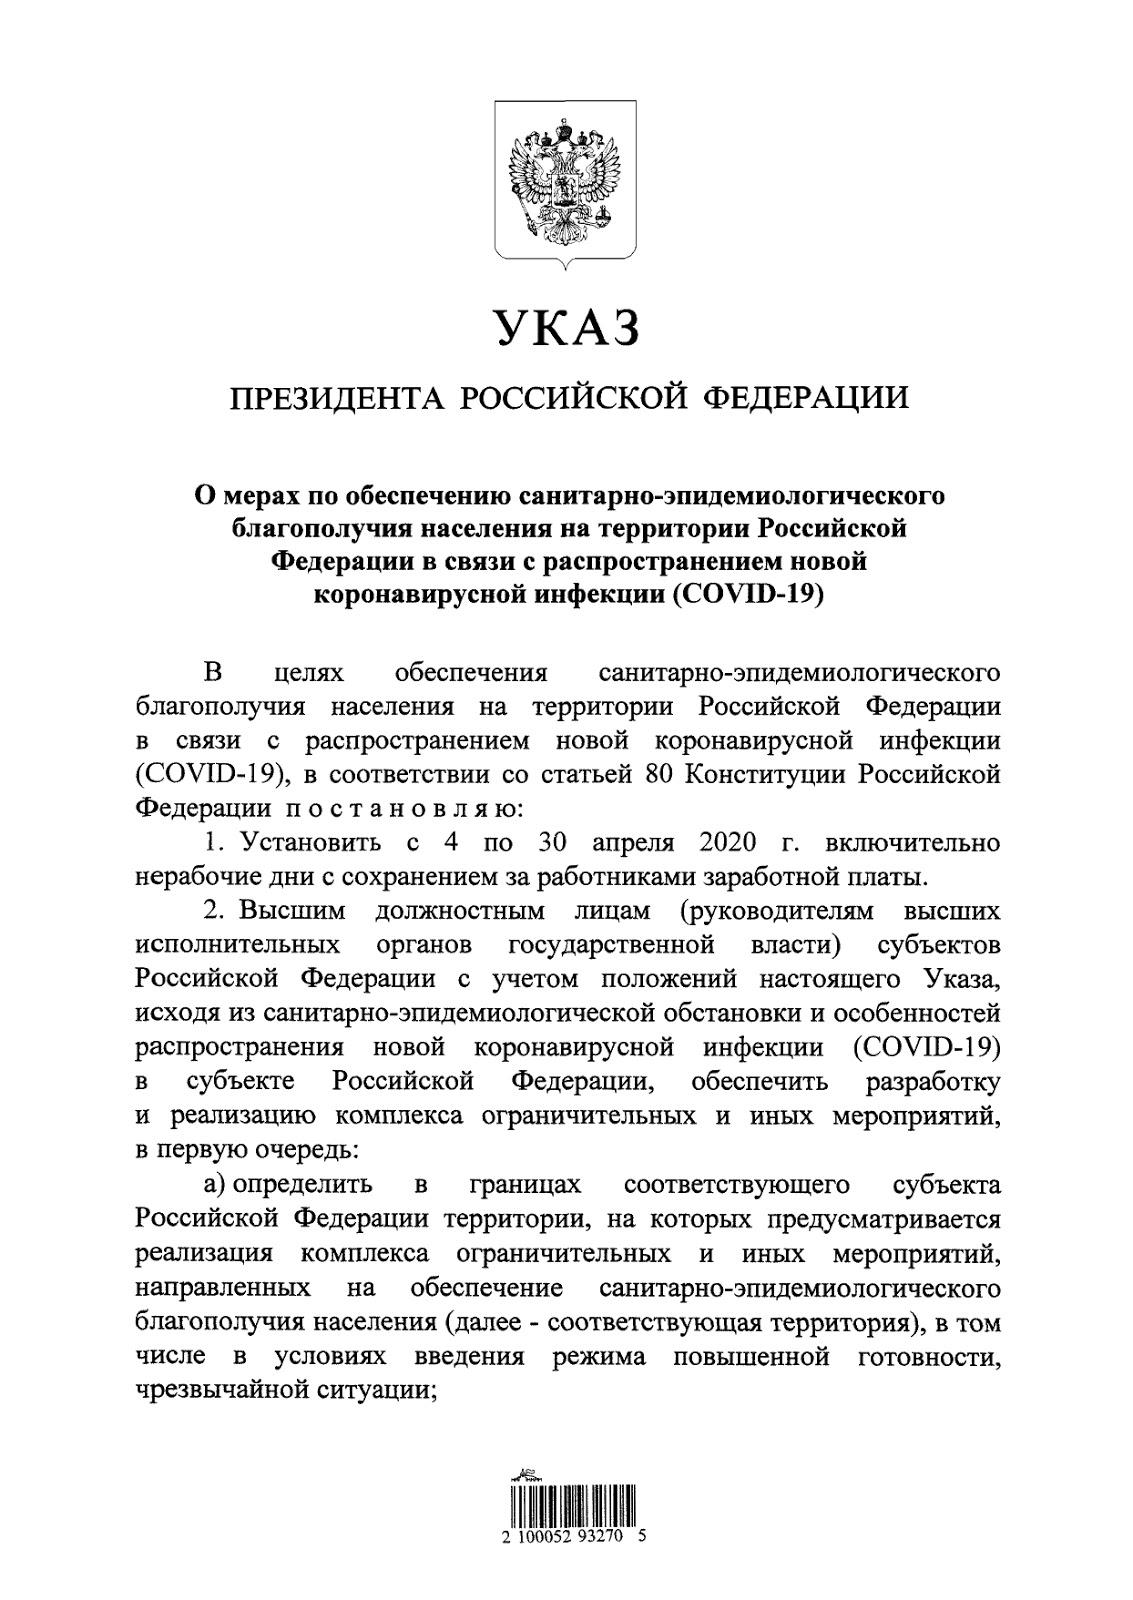 Указ Президента РФ № 239 от 02.04.2020 - 1